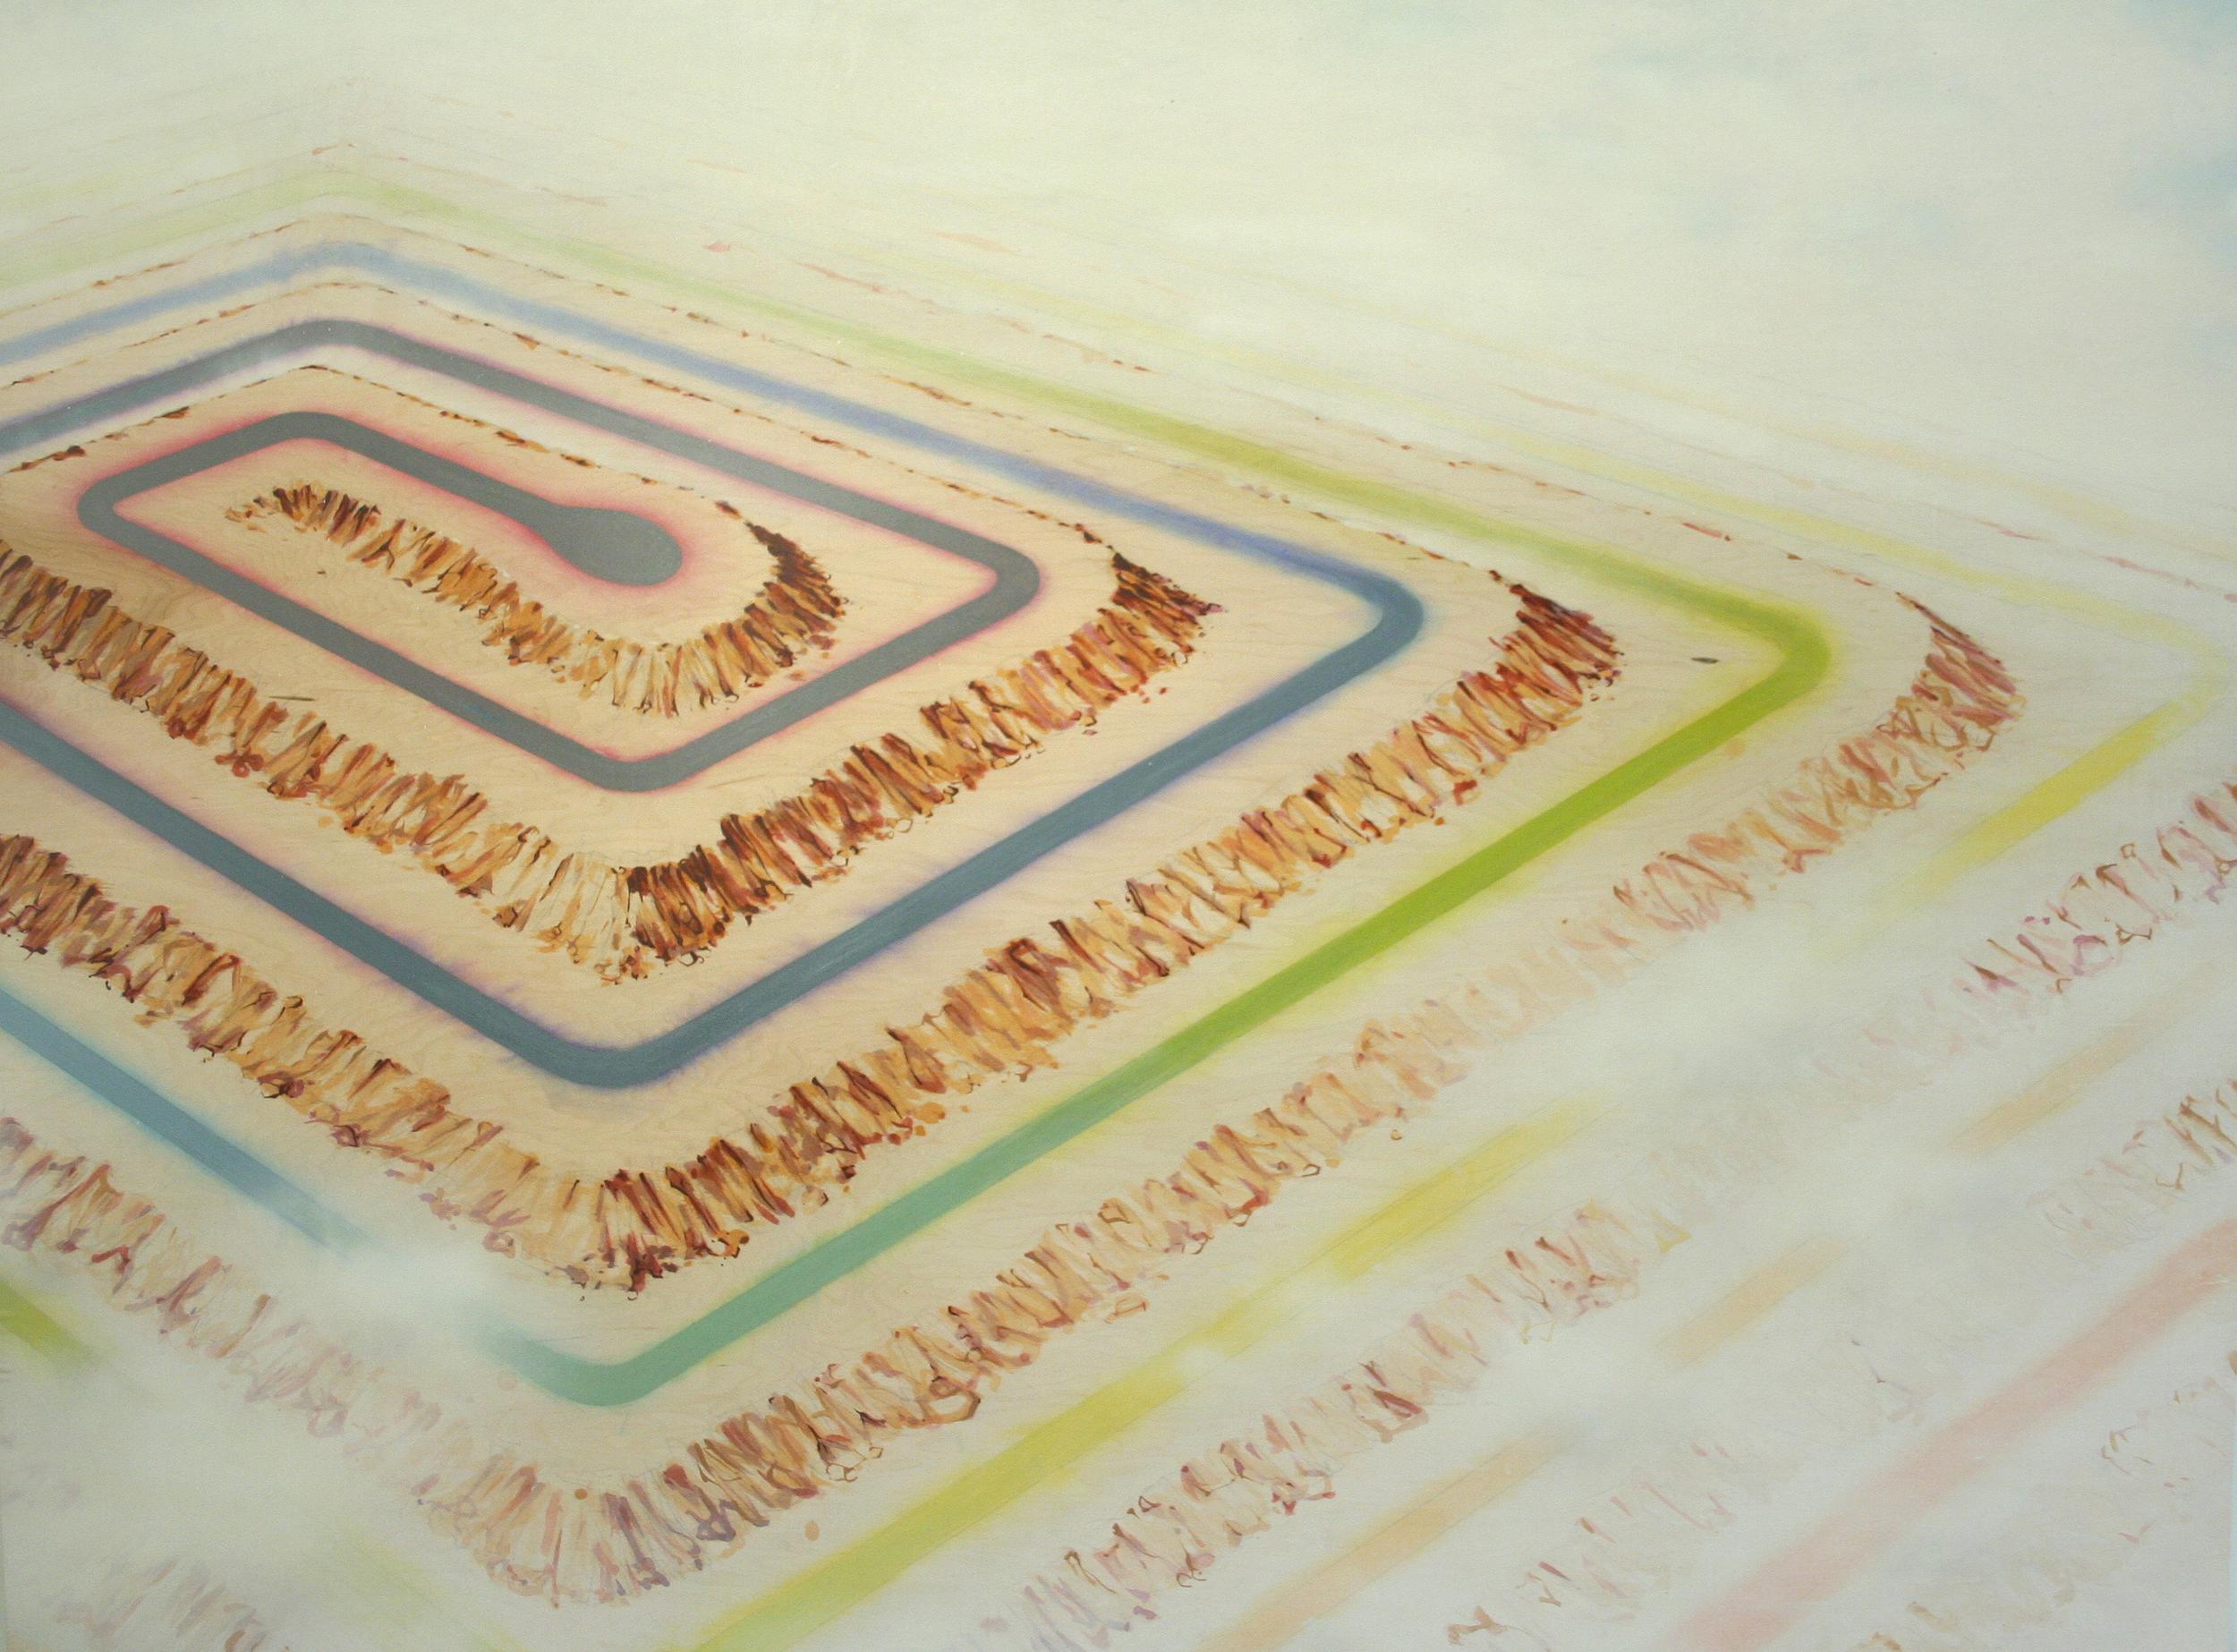 Chris Ballantyne   Ziggurat (Cul de Sac)  2015 acrylic on panel 48 x 64 in